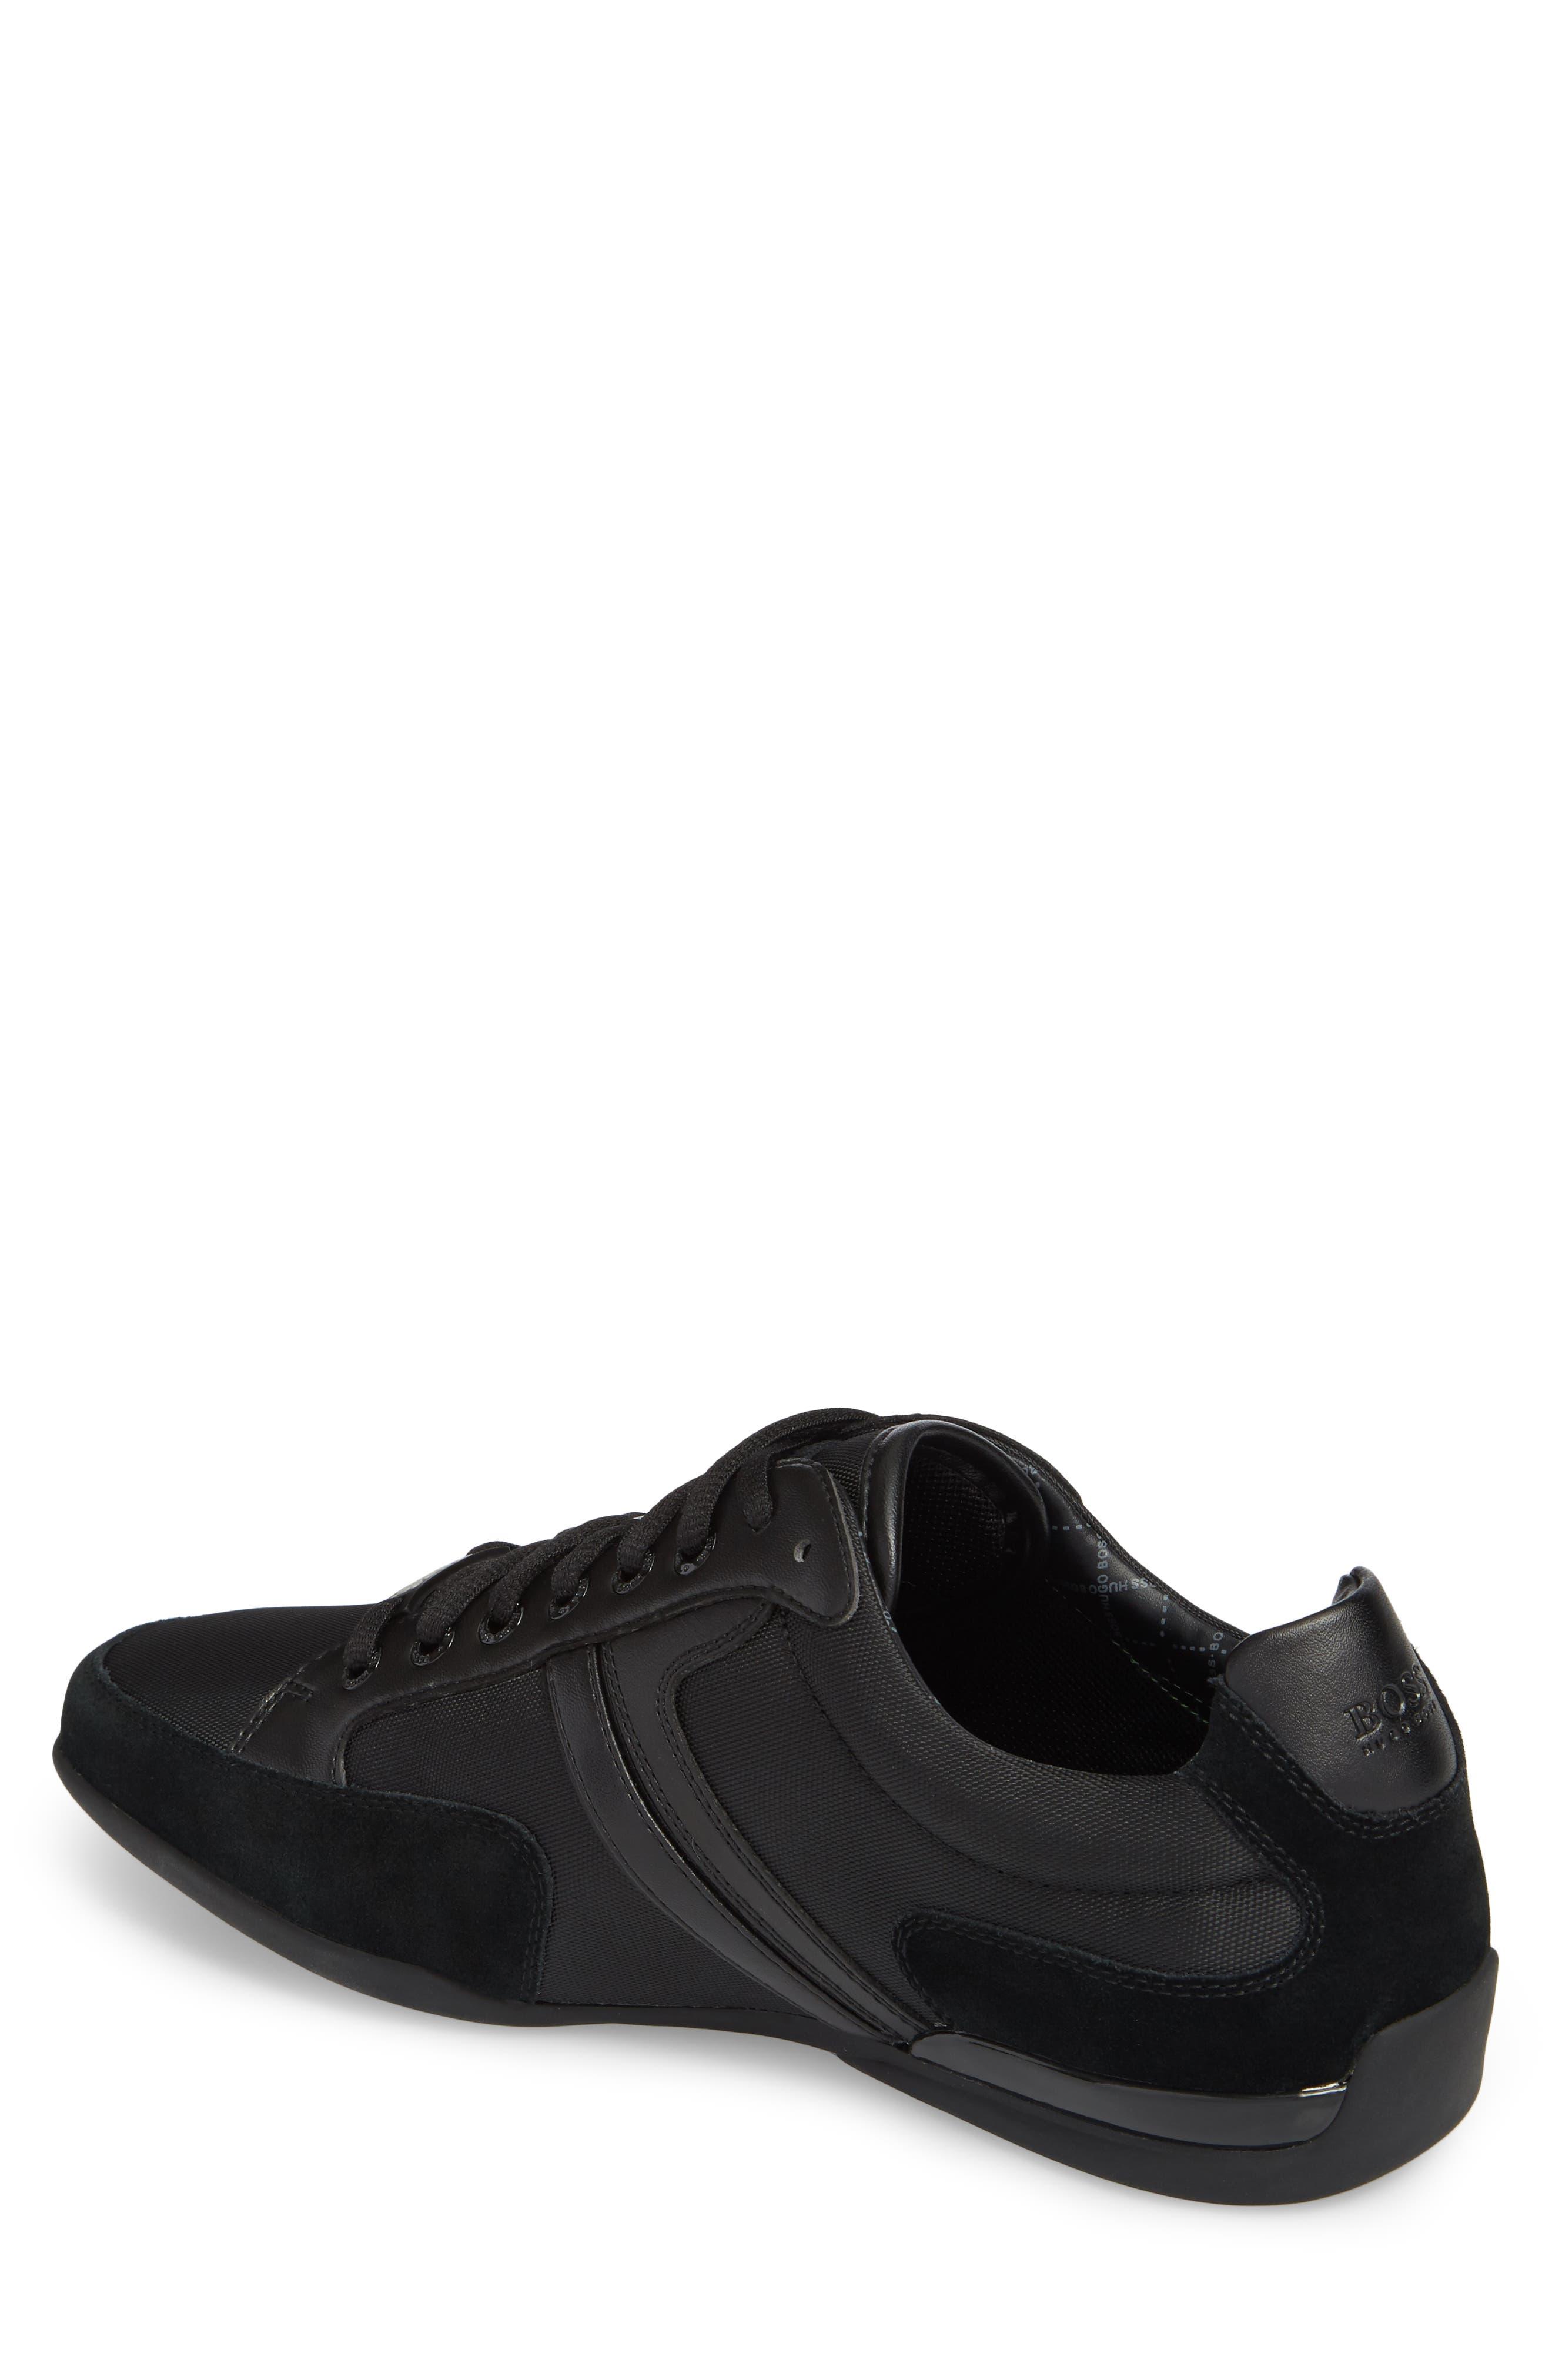 BOSS,                             Hugo Boss Sneaker,                             Alternate thumbnail 2, color,                             001